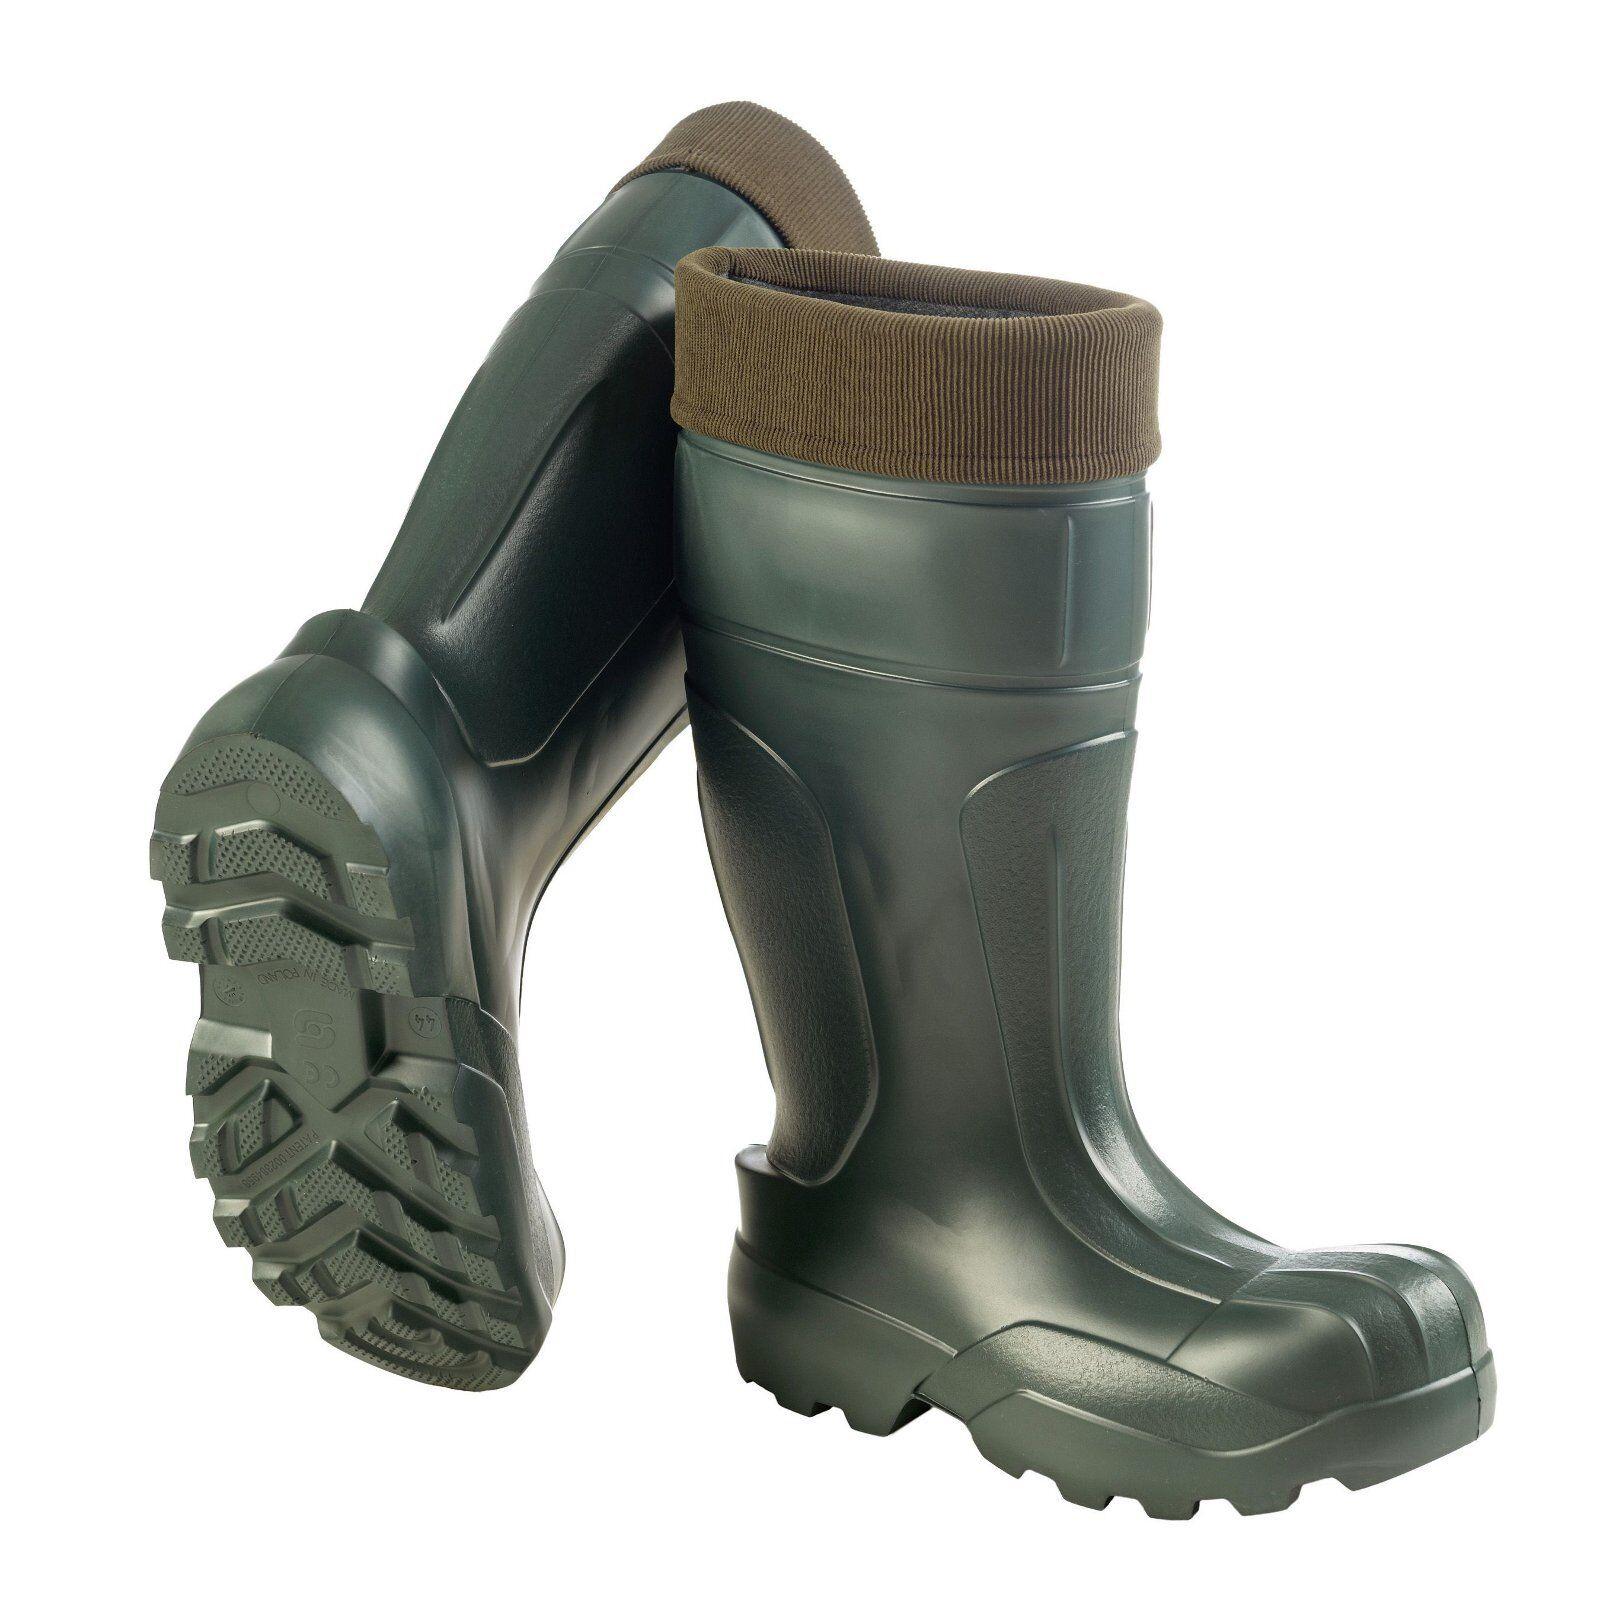 Crosslander Stivali Stivali da uomo Toronto-VERDE - 48 Winter Boots Stivali Stivali Stivali di gomma 9cf48c